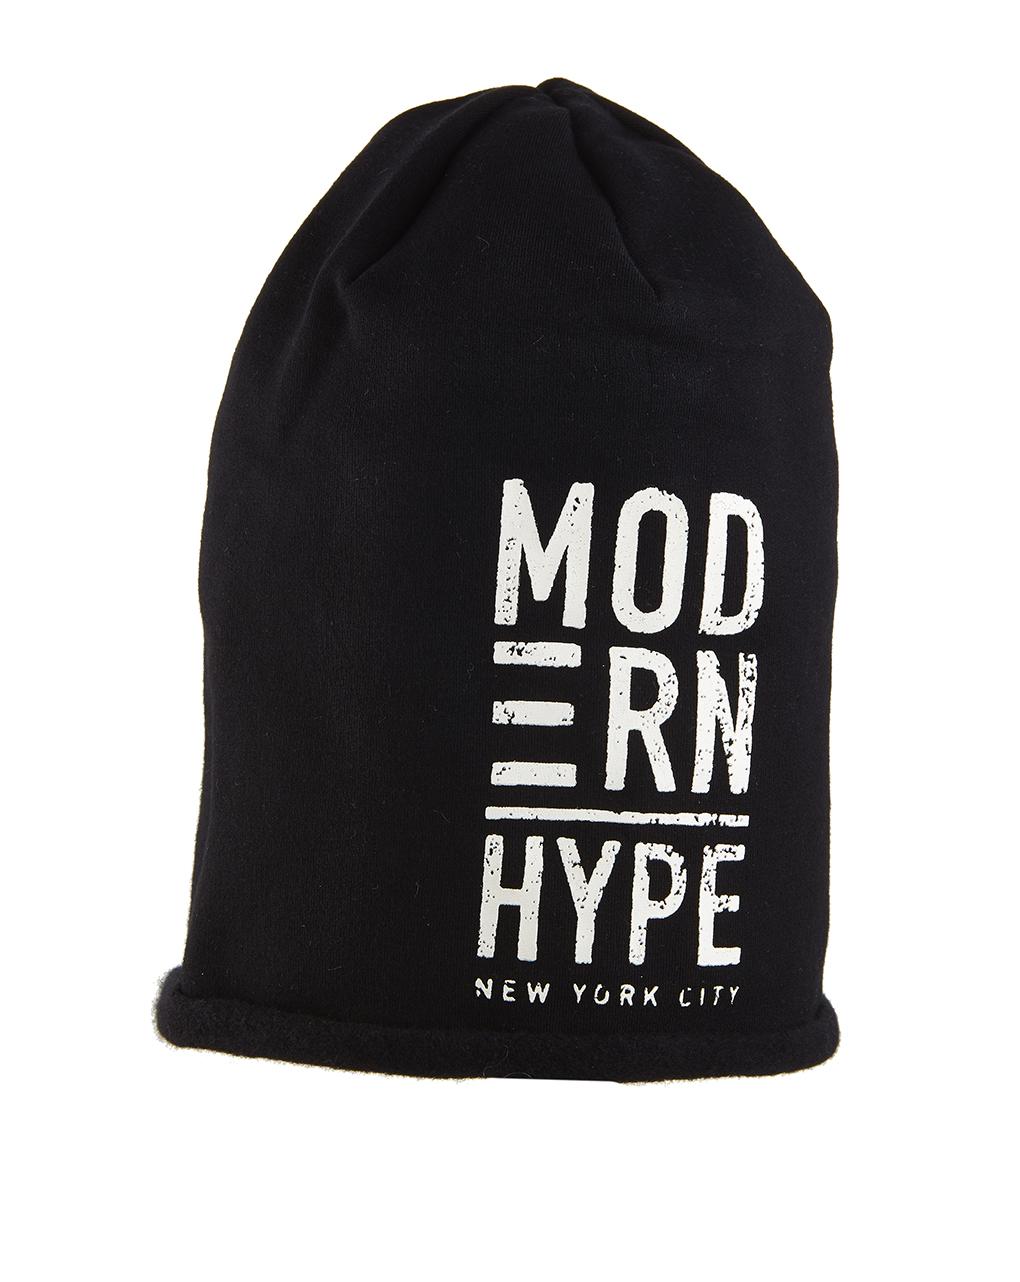 Σκουφί Φούτερ Μαύρο με Στάμπα Modern Hype